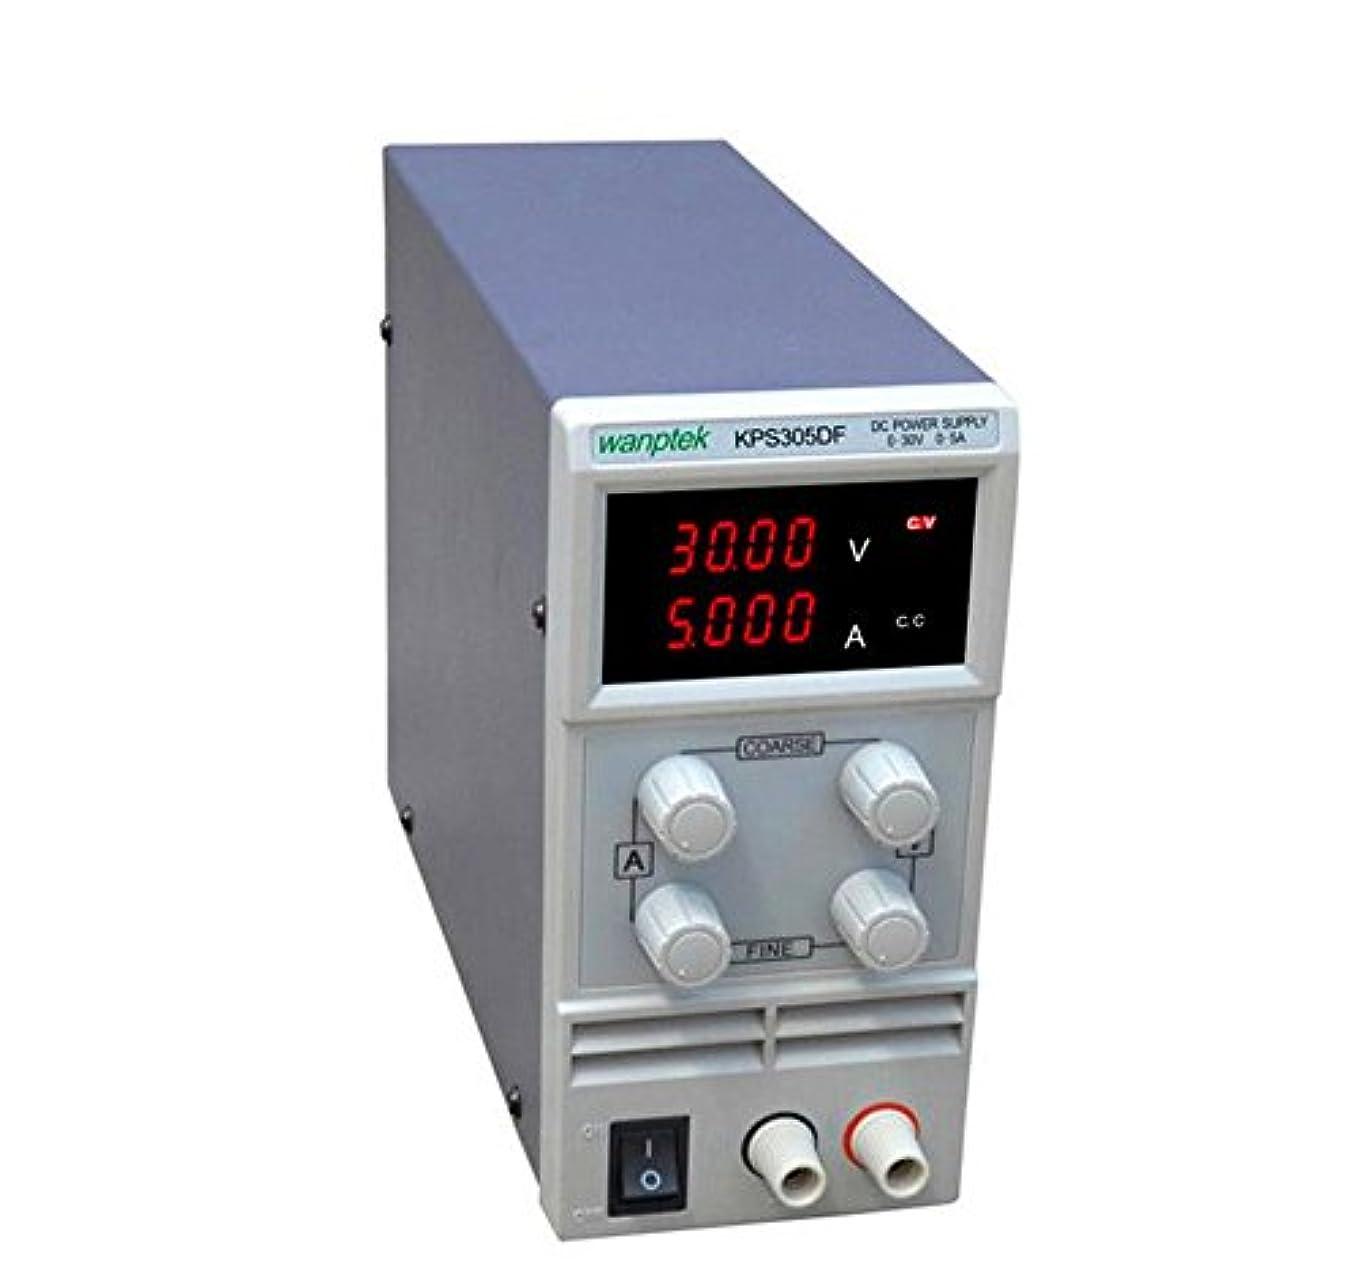 起点要求適応するKPS305DF 0-30V / 0-5A 110V-230V LEDデジタル可調節スイッチミニDC電源110V / 220V【ご希望のプラグ規格連絡を】